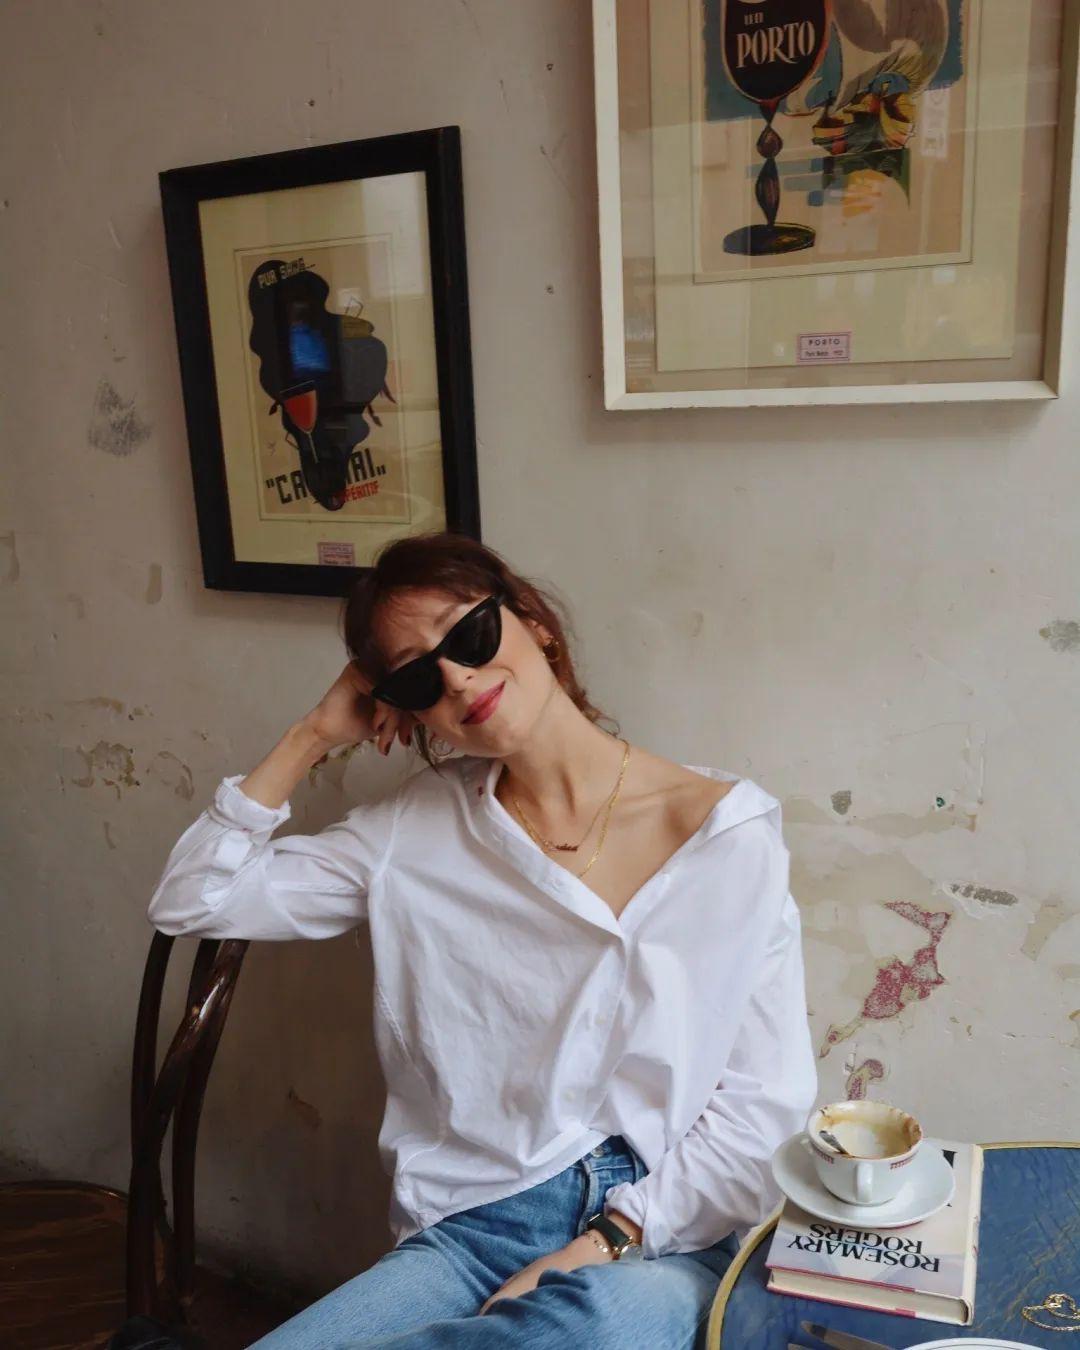 Sơ mi trắng – item kinh điển nhưng muốn mặc đẹp thì không phải nàng công sở nào cũng biết - Ảnh 3.